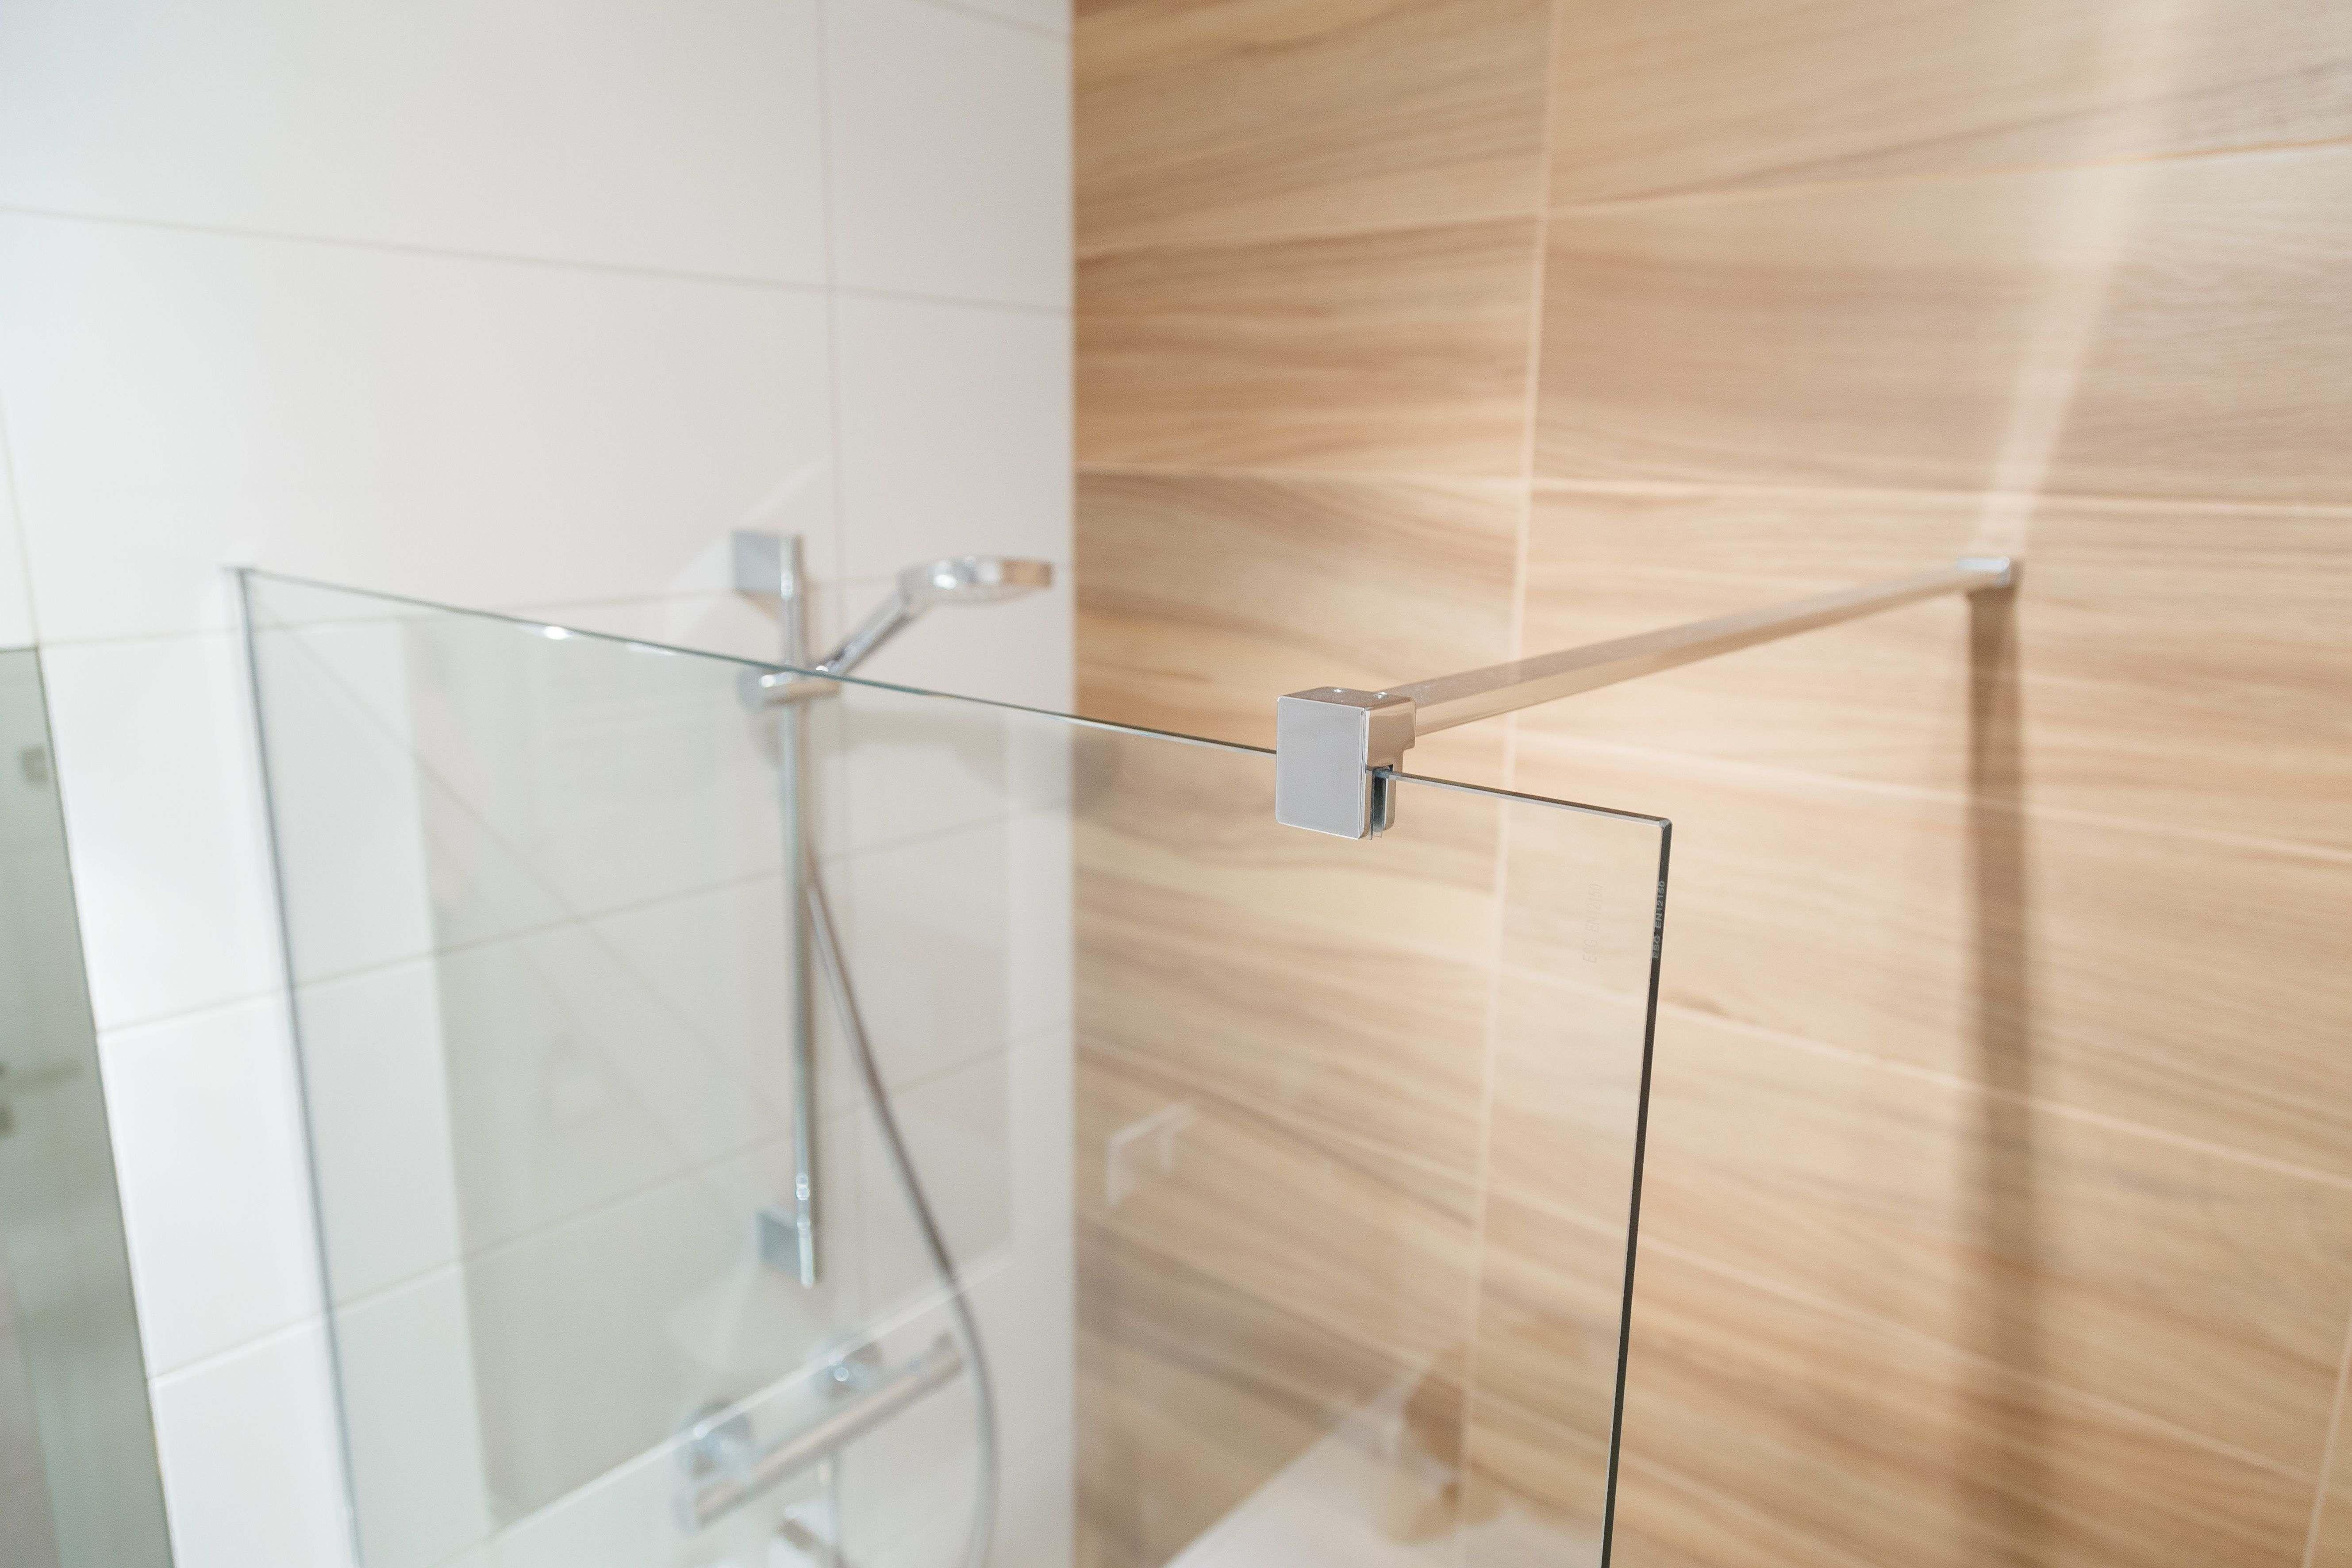 Come scegliere i fissaggi per porta e parete della doccia